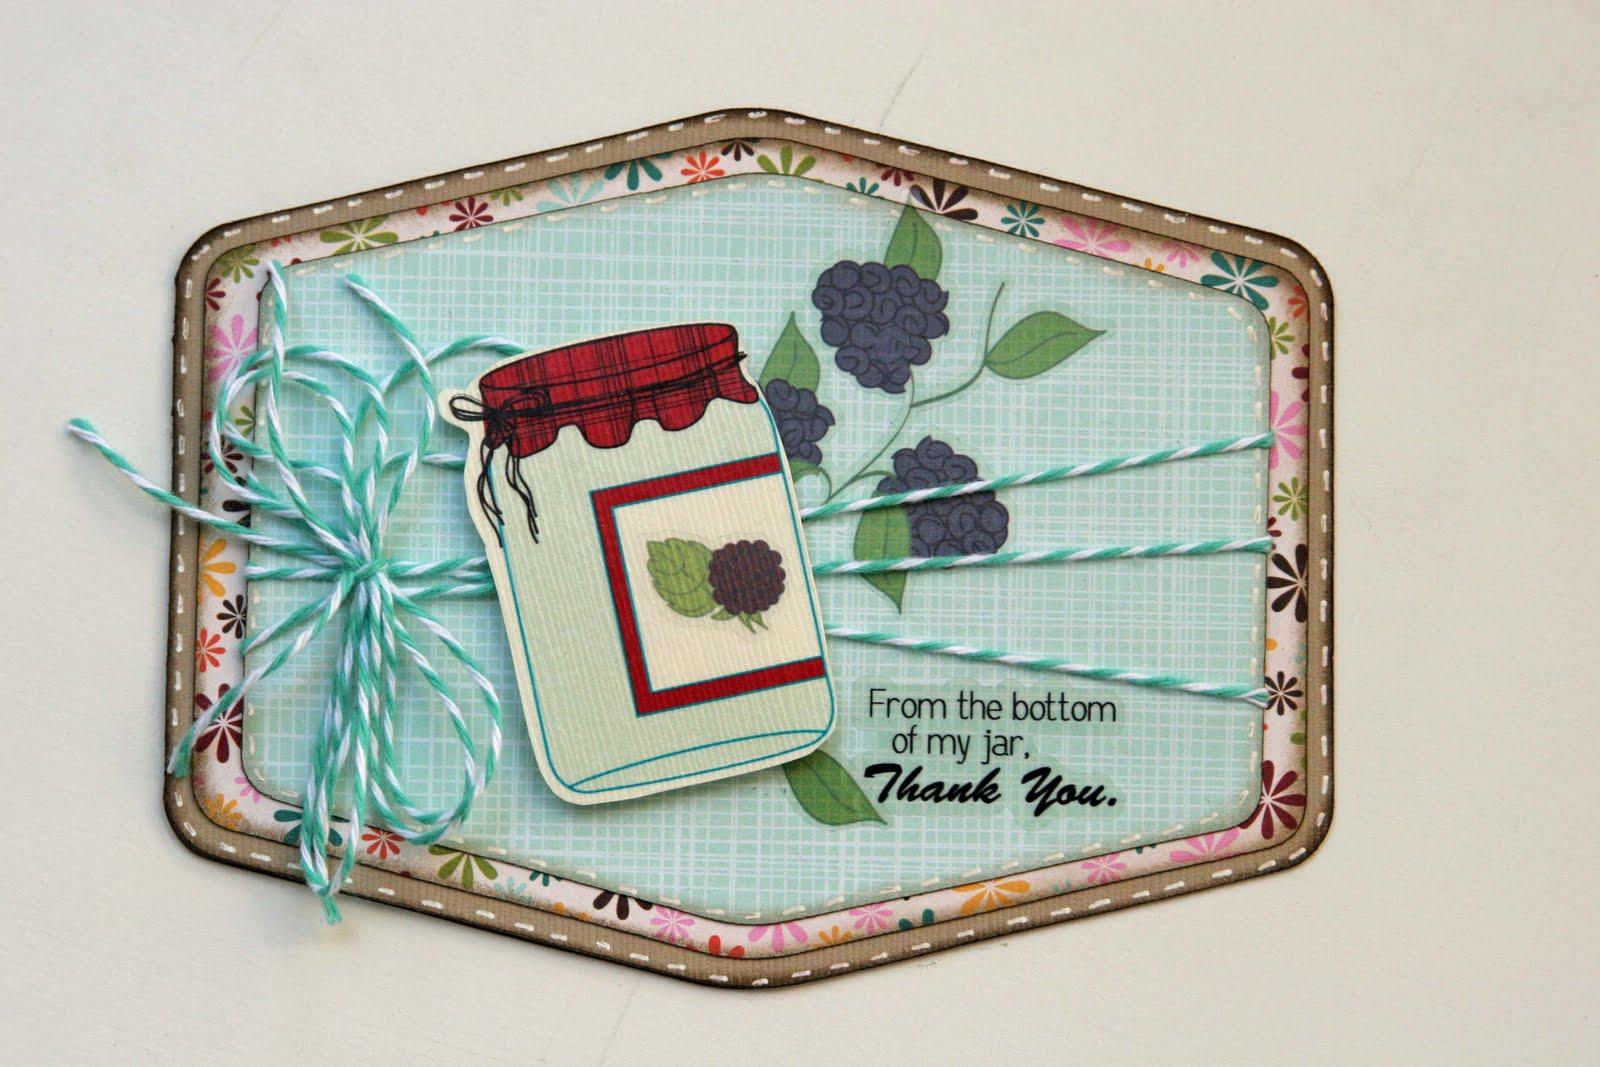 #73302A Liz's Paper Loft: Monday Hop with EAD Designs! 1600x1067 píxeis em Curso Design Ead